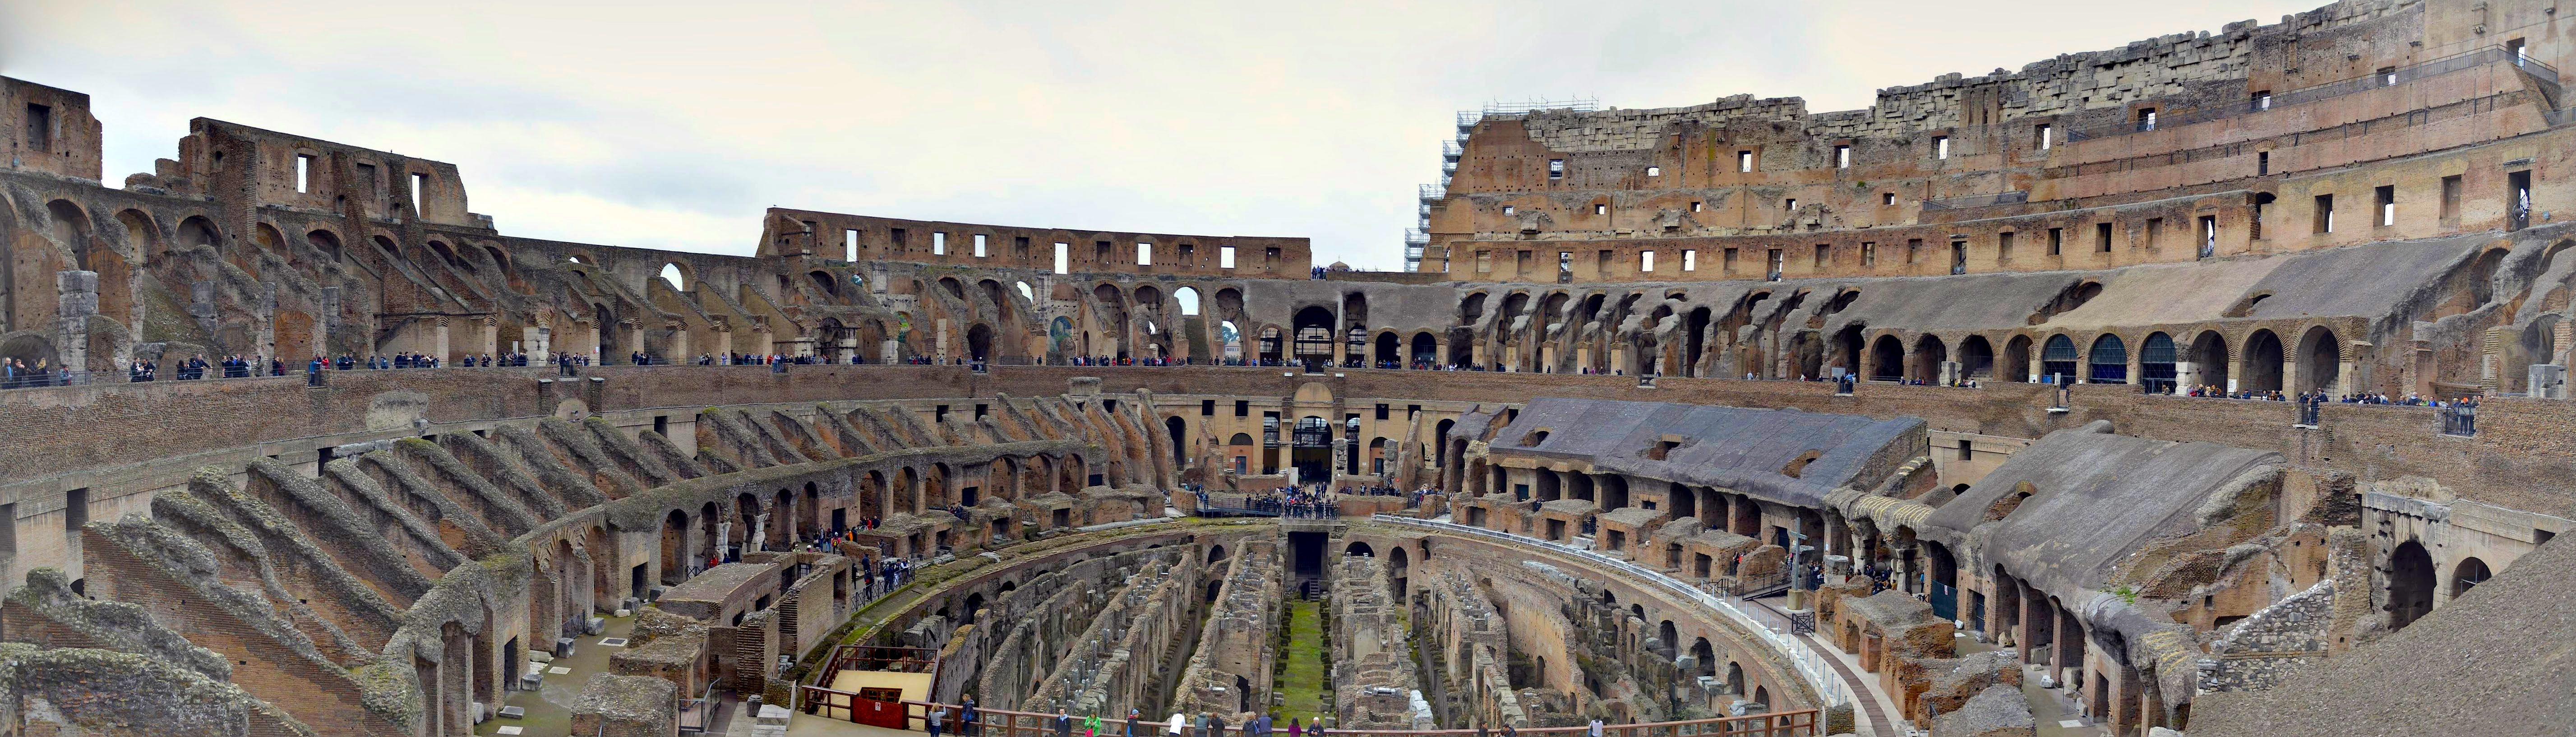 Coliseo, Coliseum, Coliseu, Italia, Italy, Roma